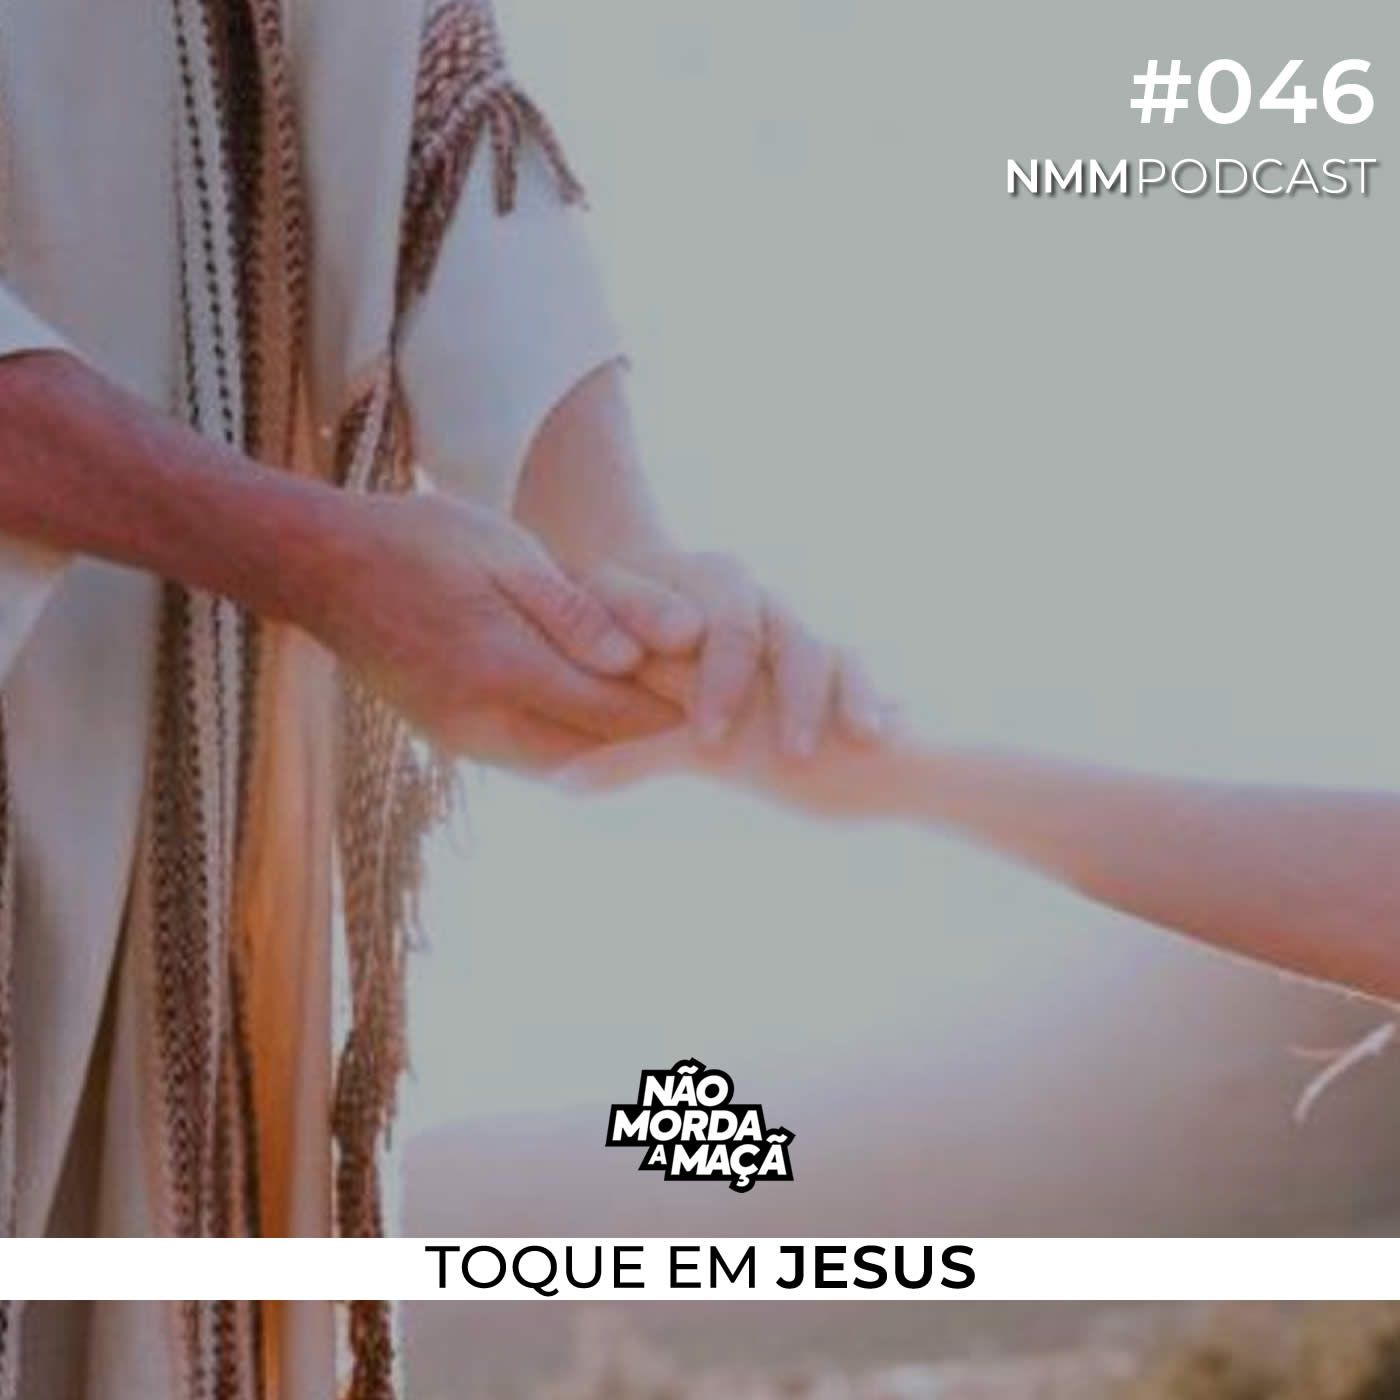 #46 - Toque em Jesus